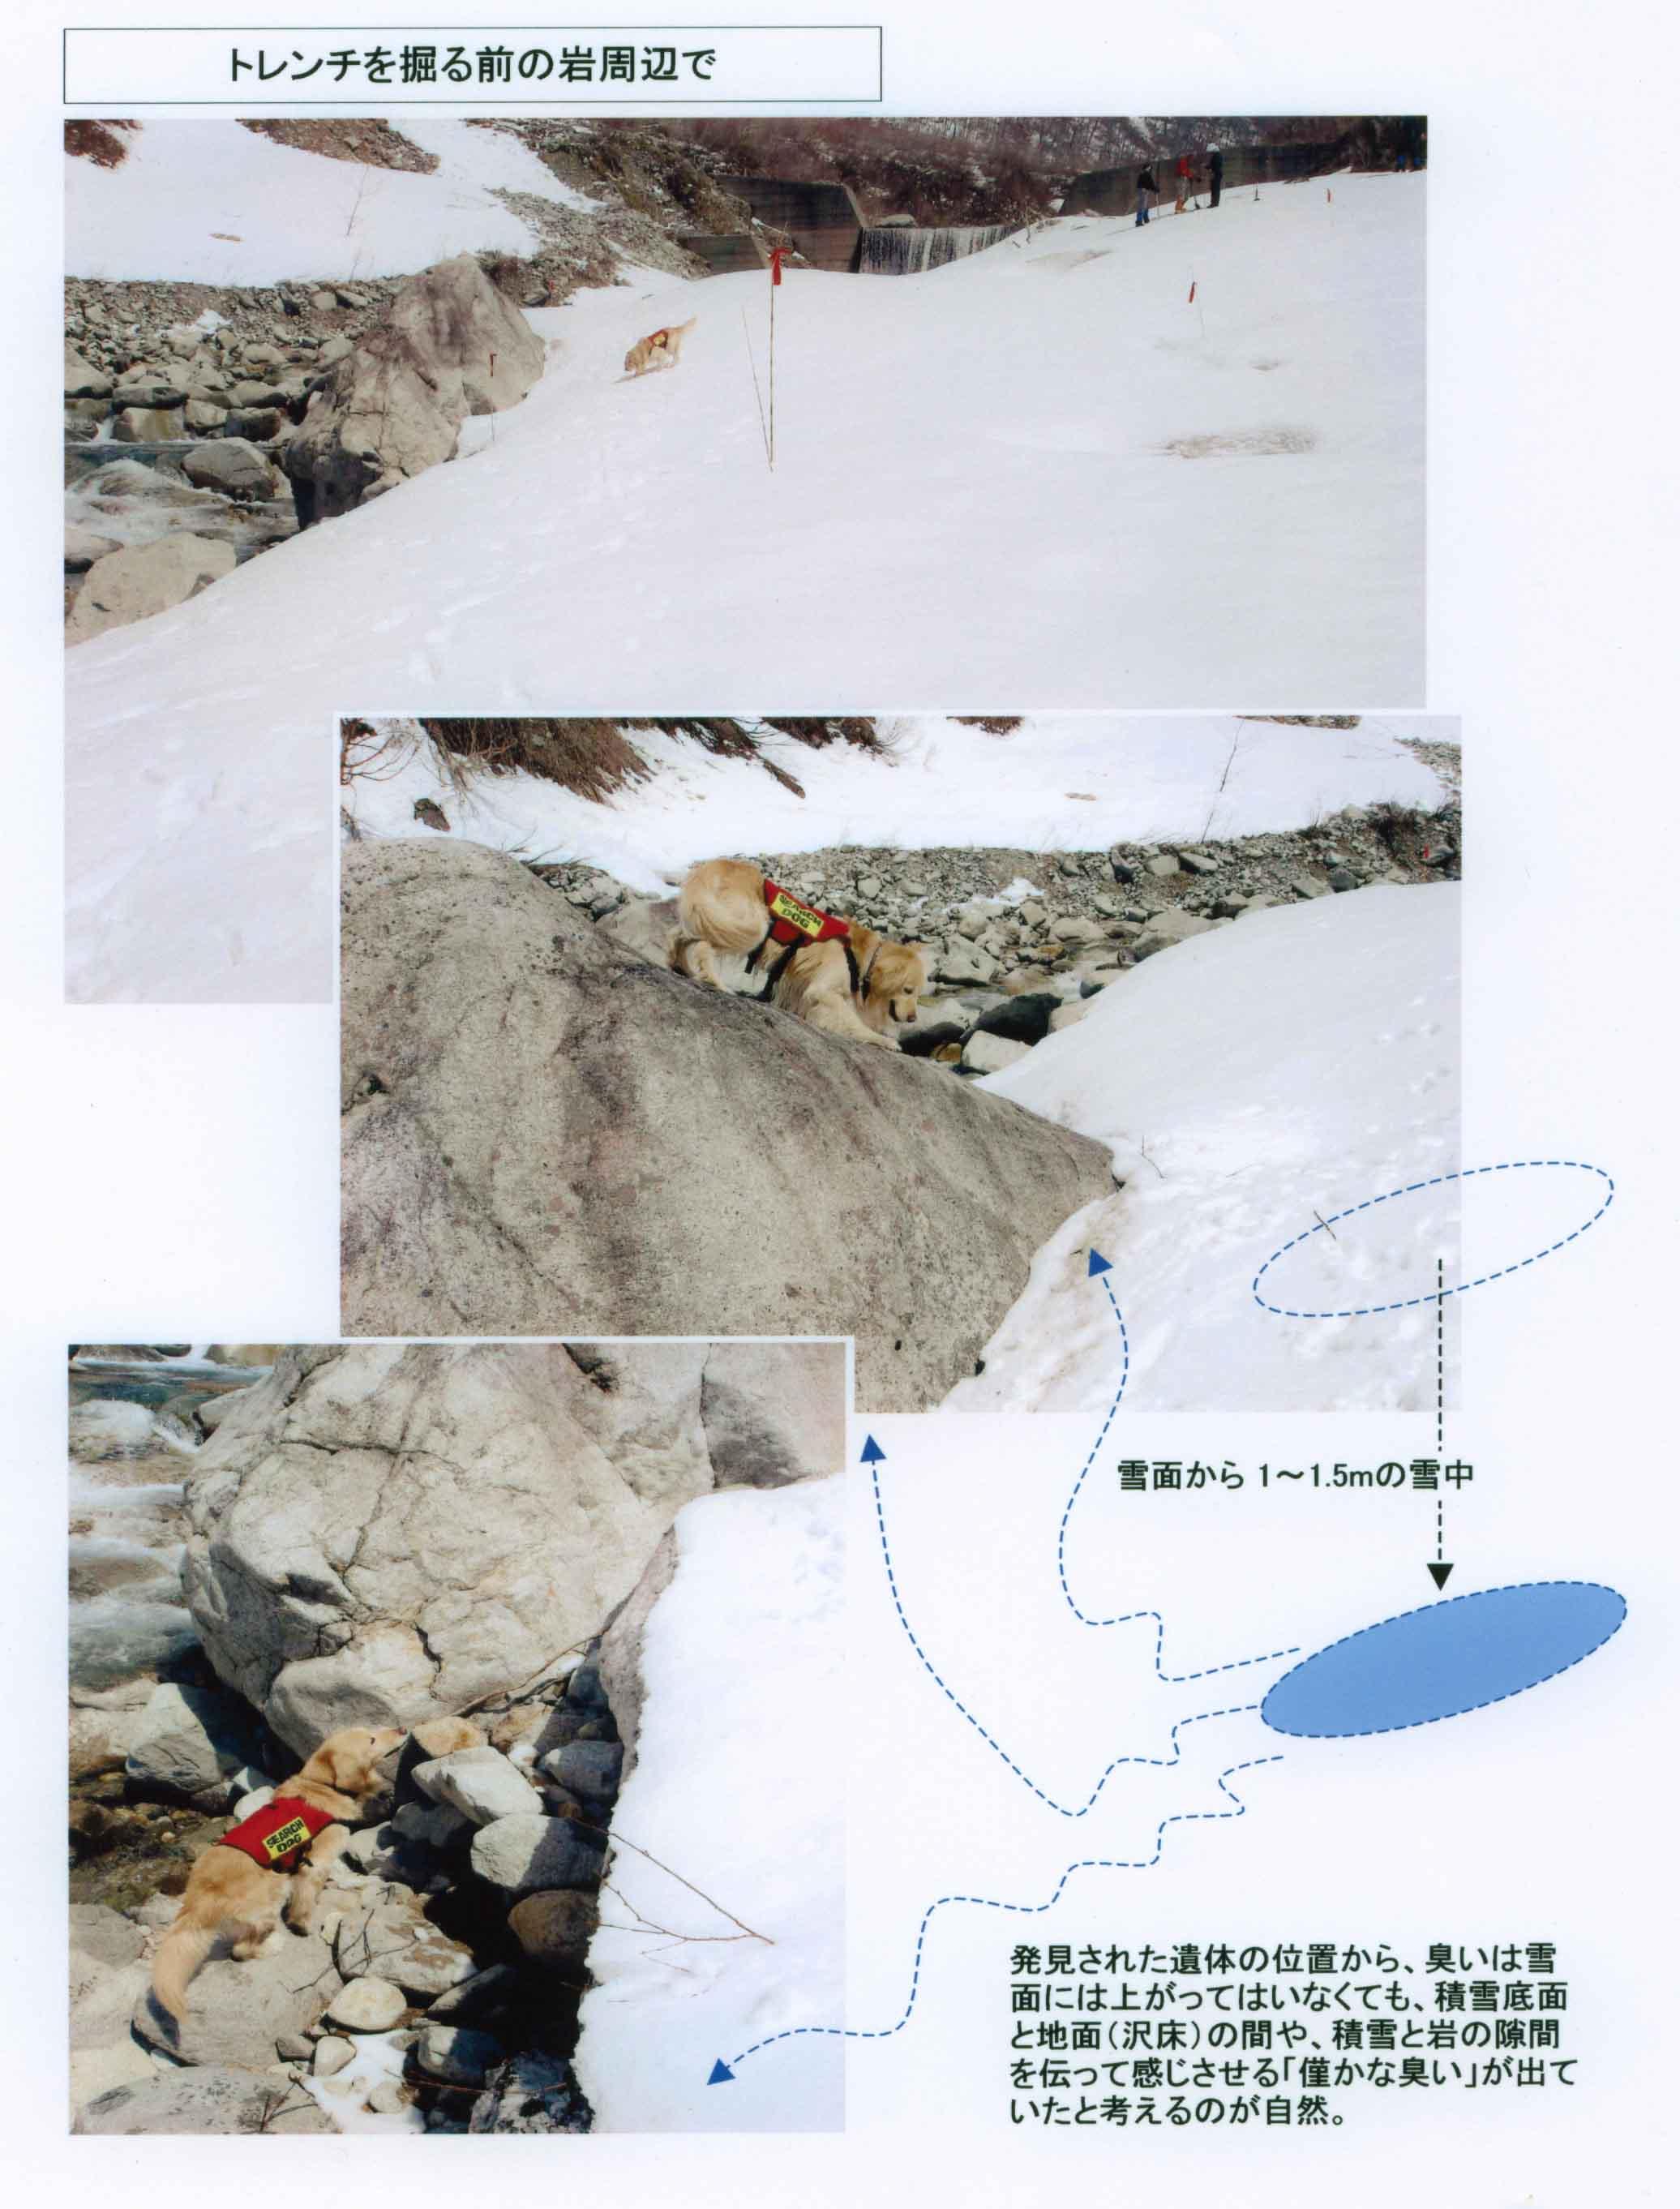 トレンチを掘る前の岩周辺で